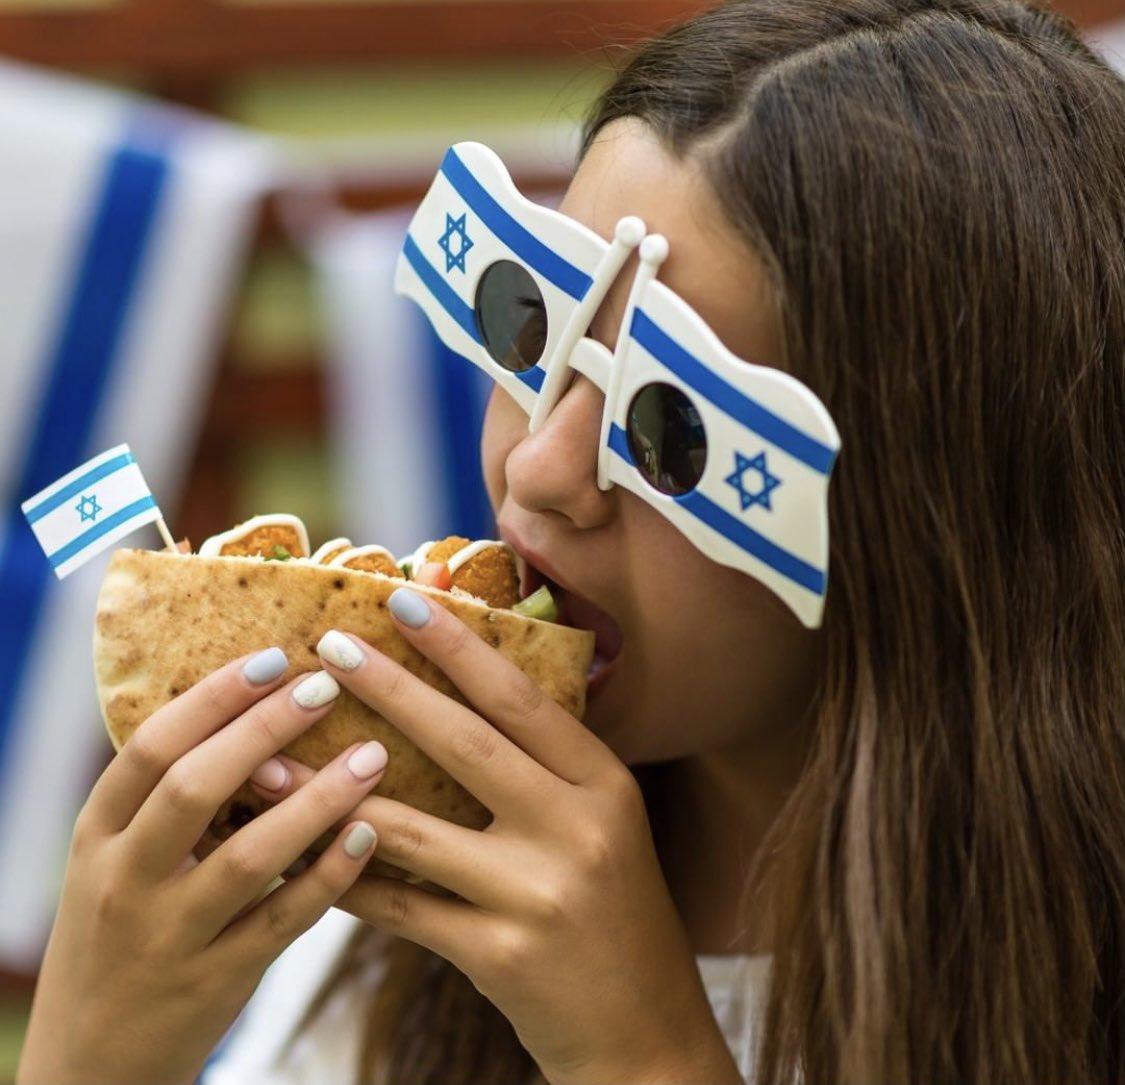 الفلافل من اكثر المأكولات الشعبية في اسرائيل – بمناسبة عيد الاستقلال ال ٧٣، شاركونا ماذا يميز الشعب…